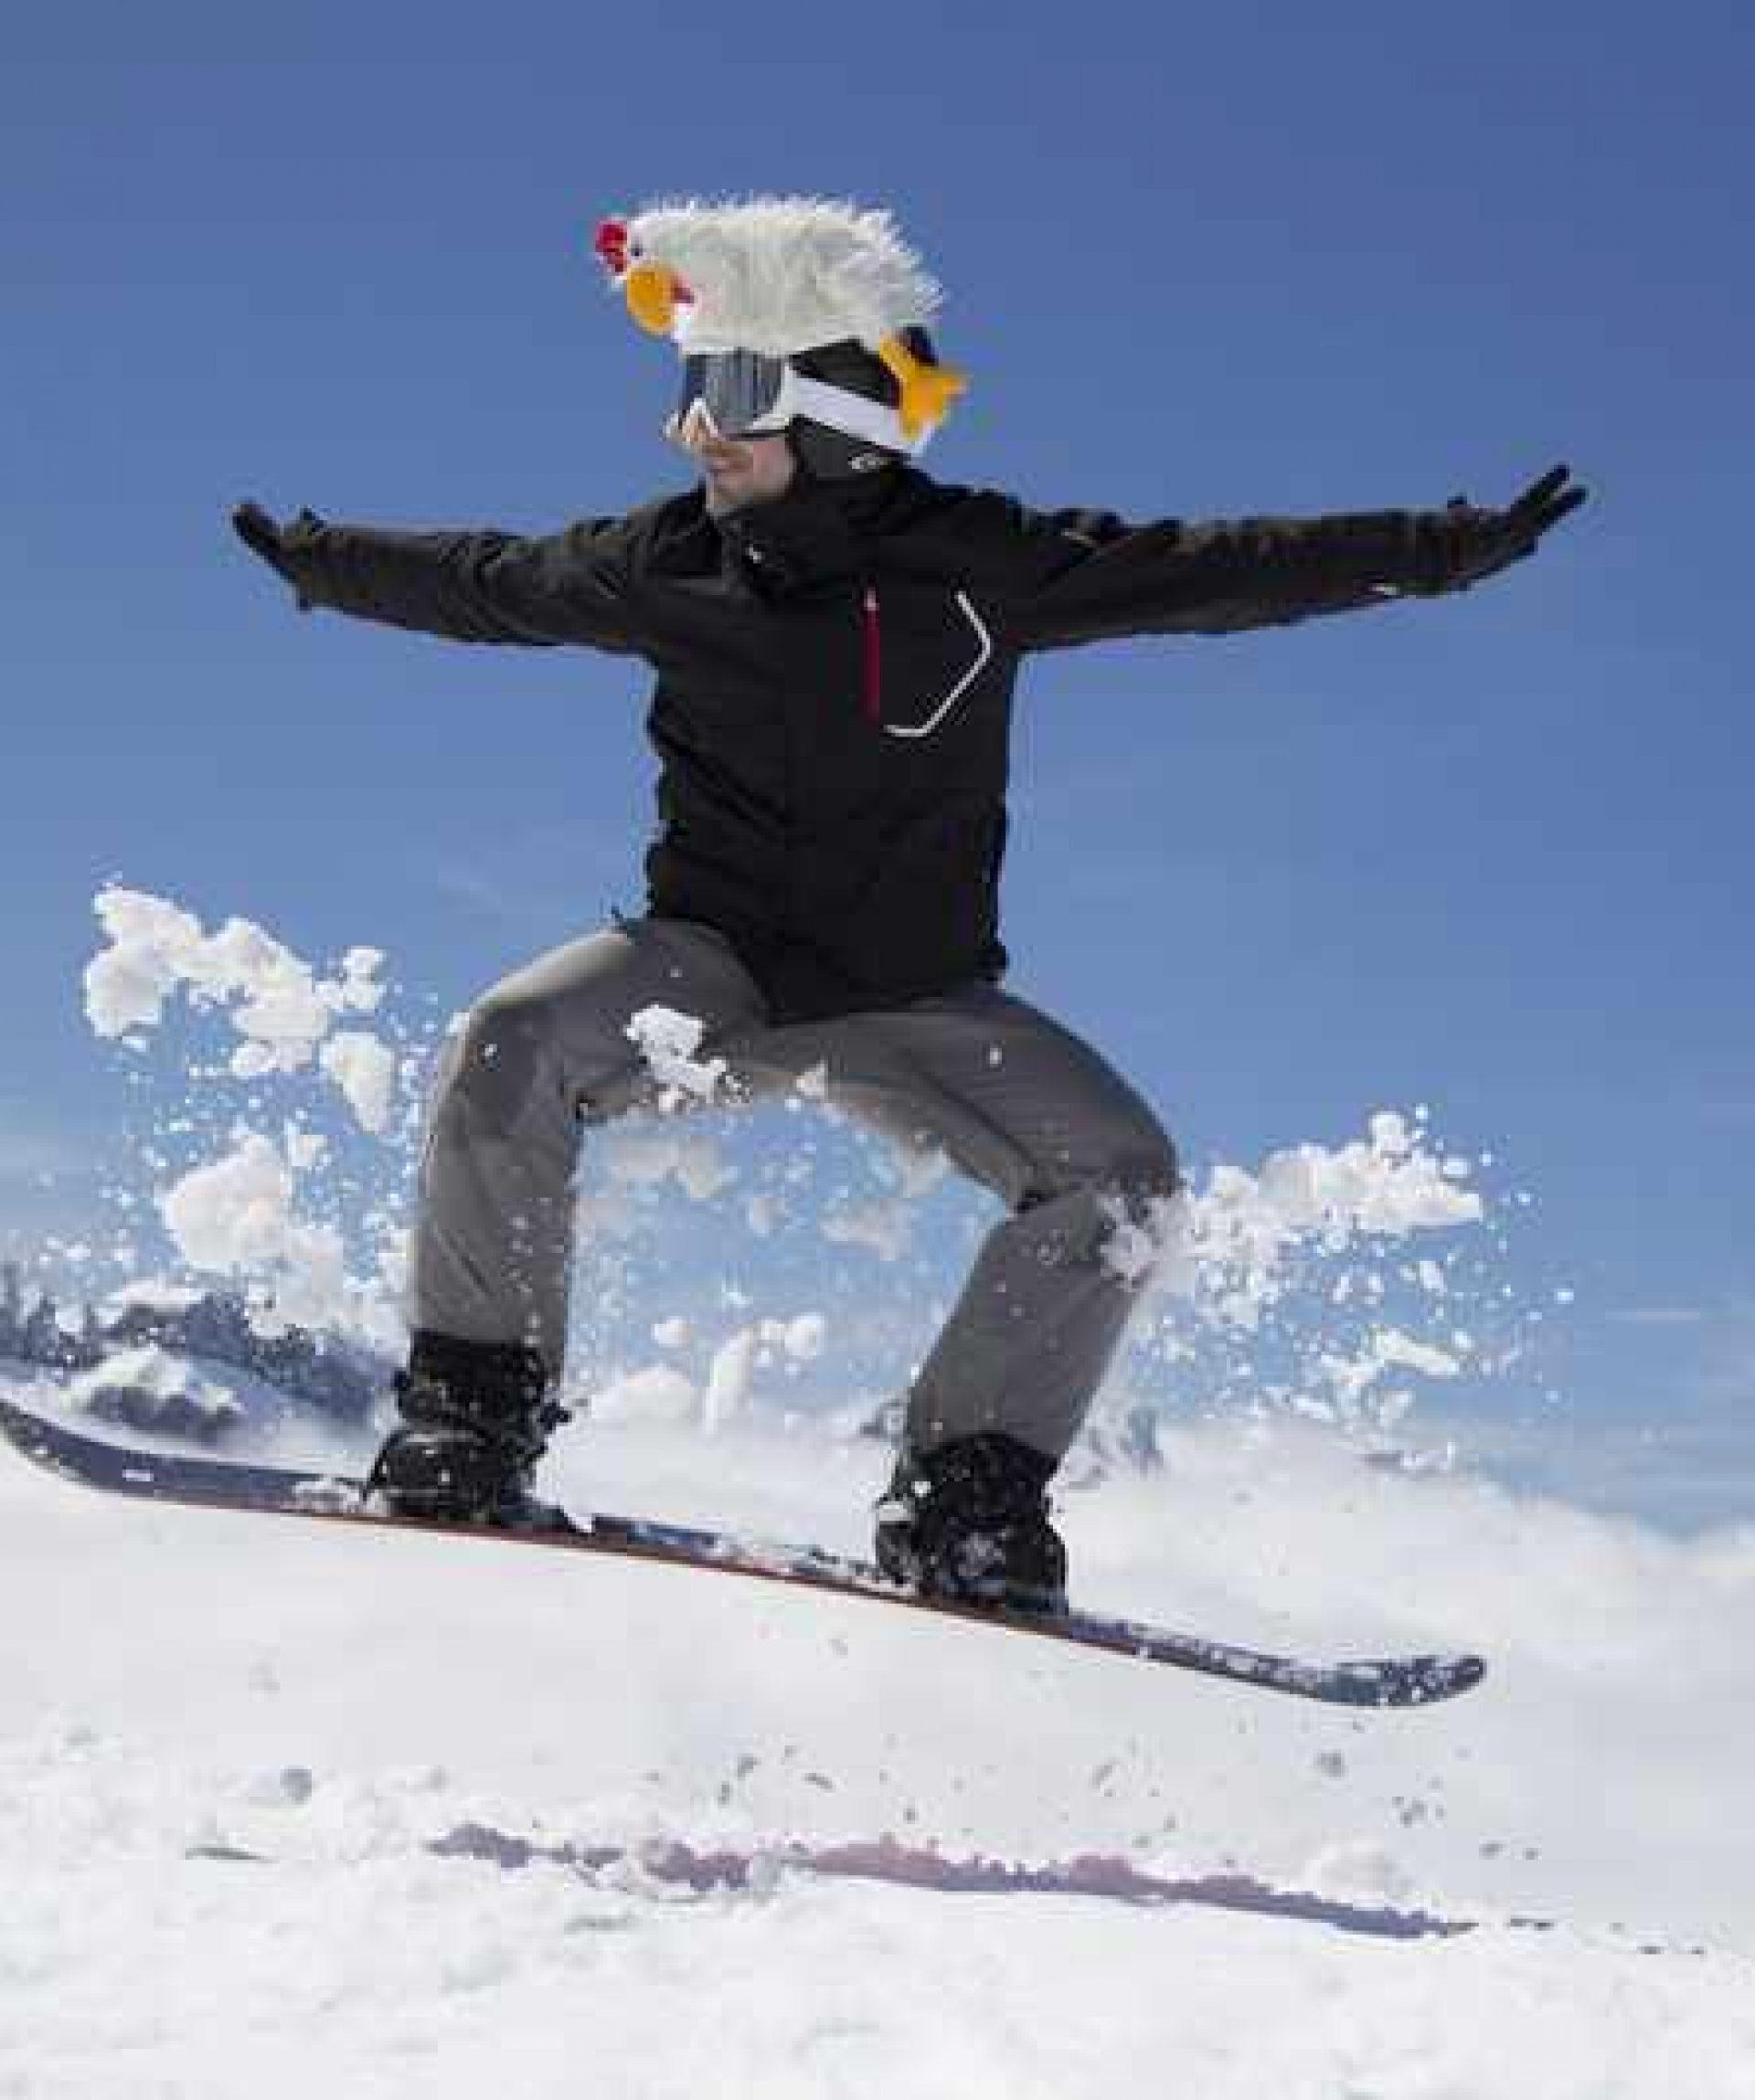 cursos de esqui snow